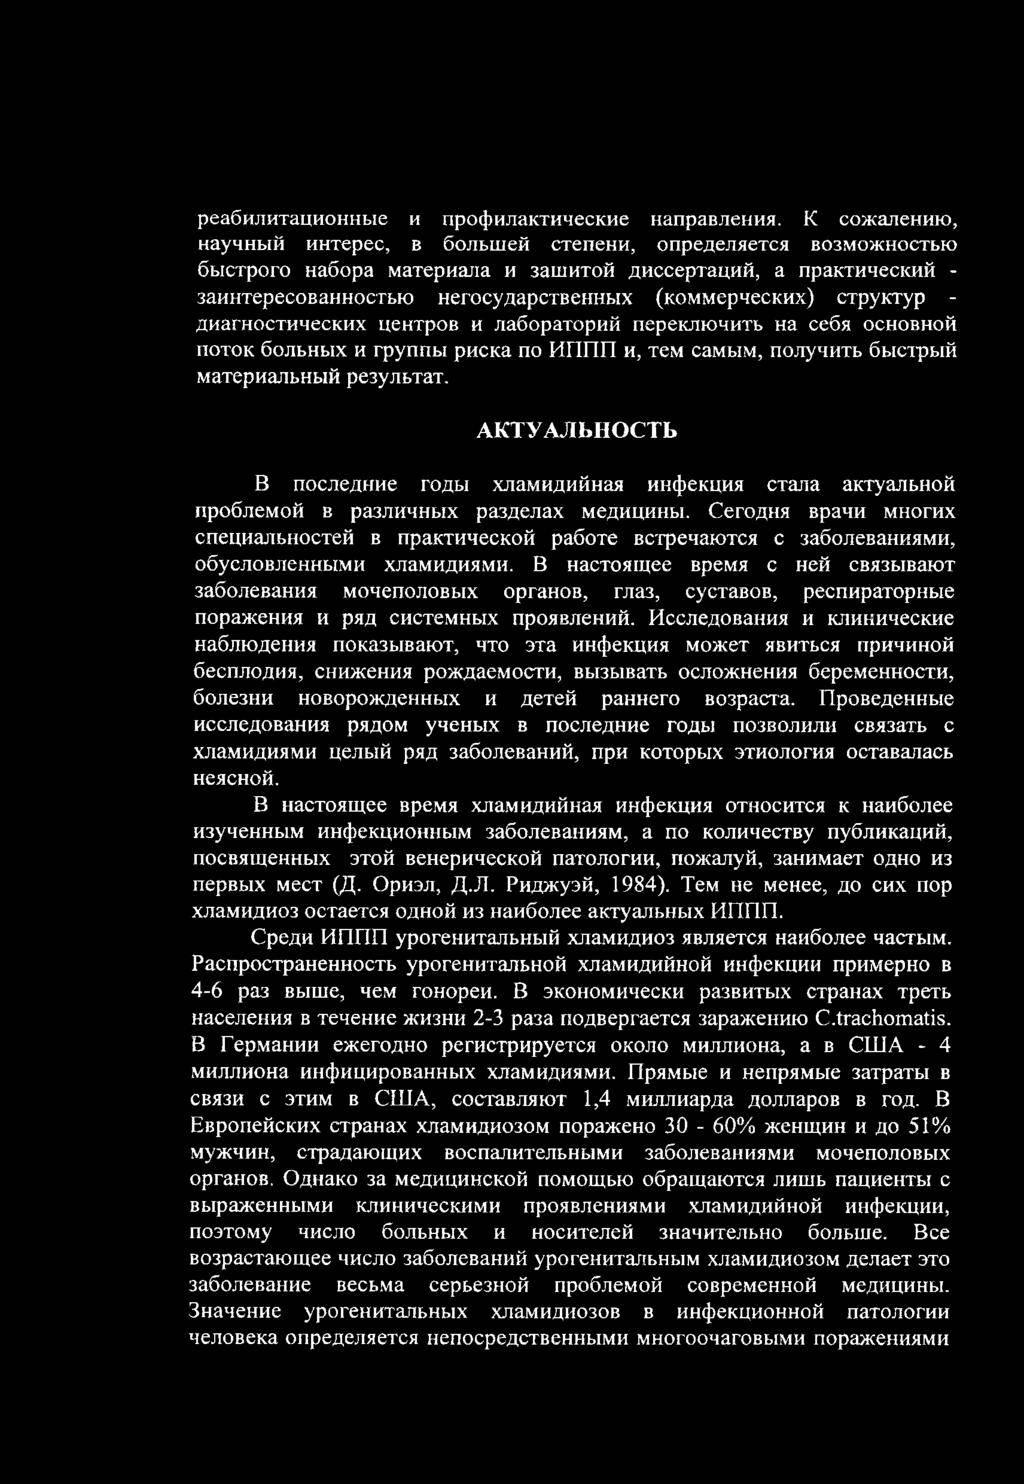 Хламидийная лимфогранулема (венерическая)